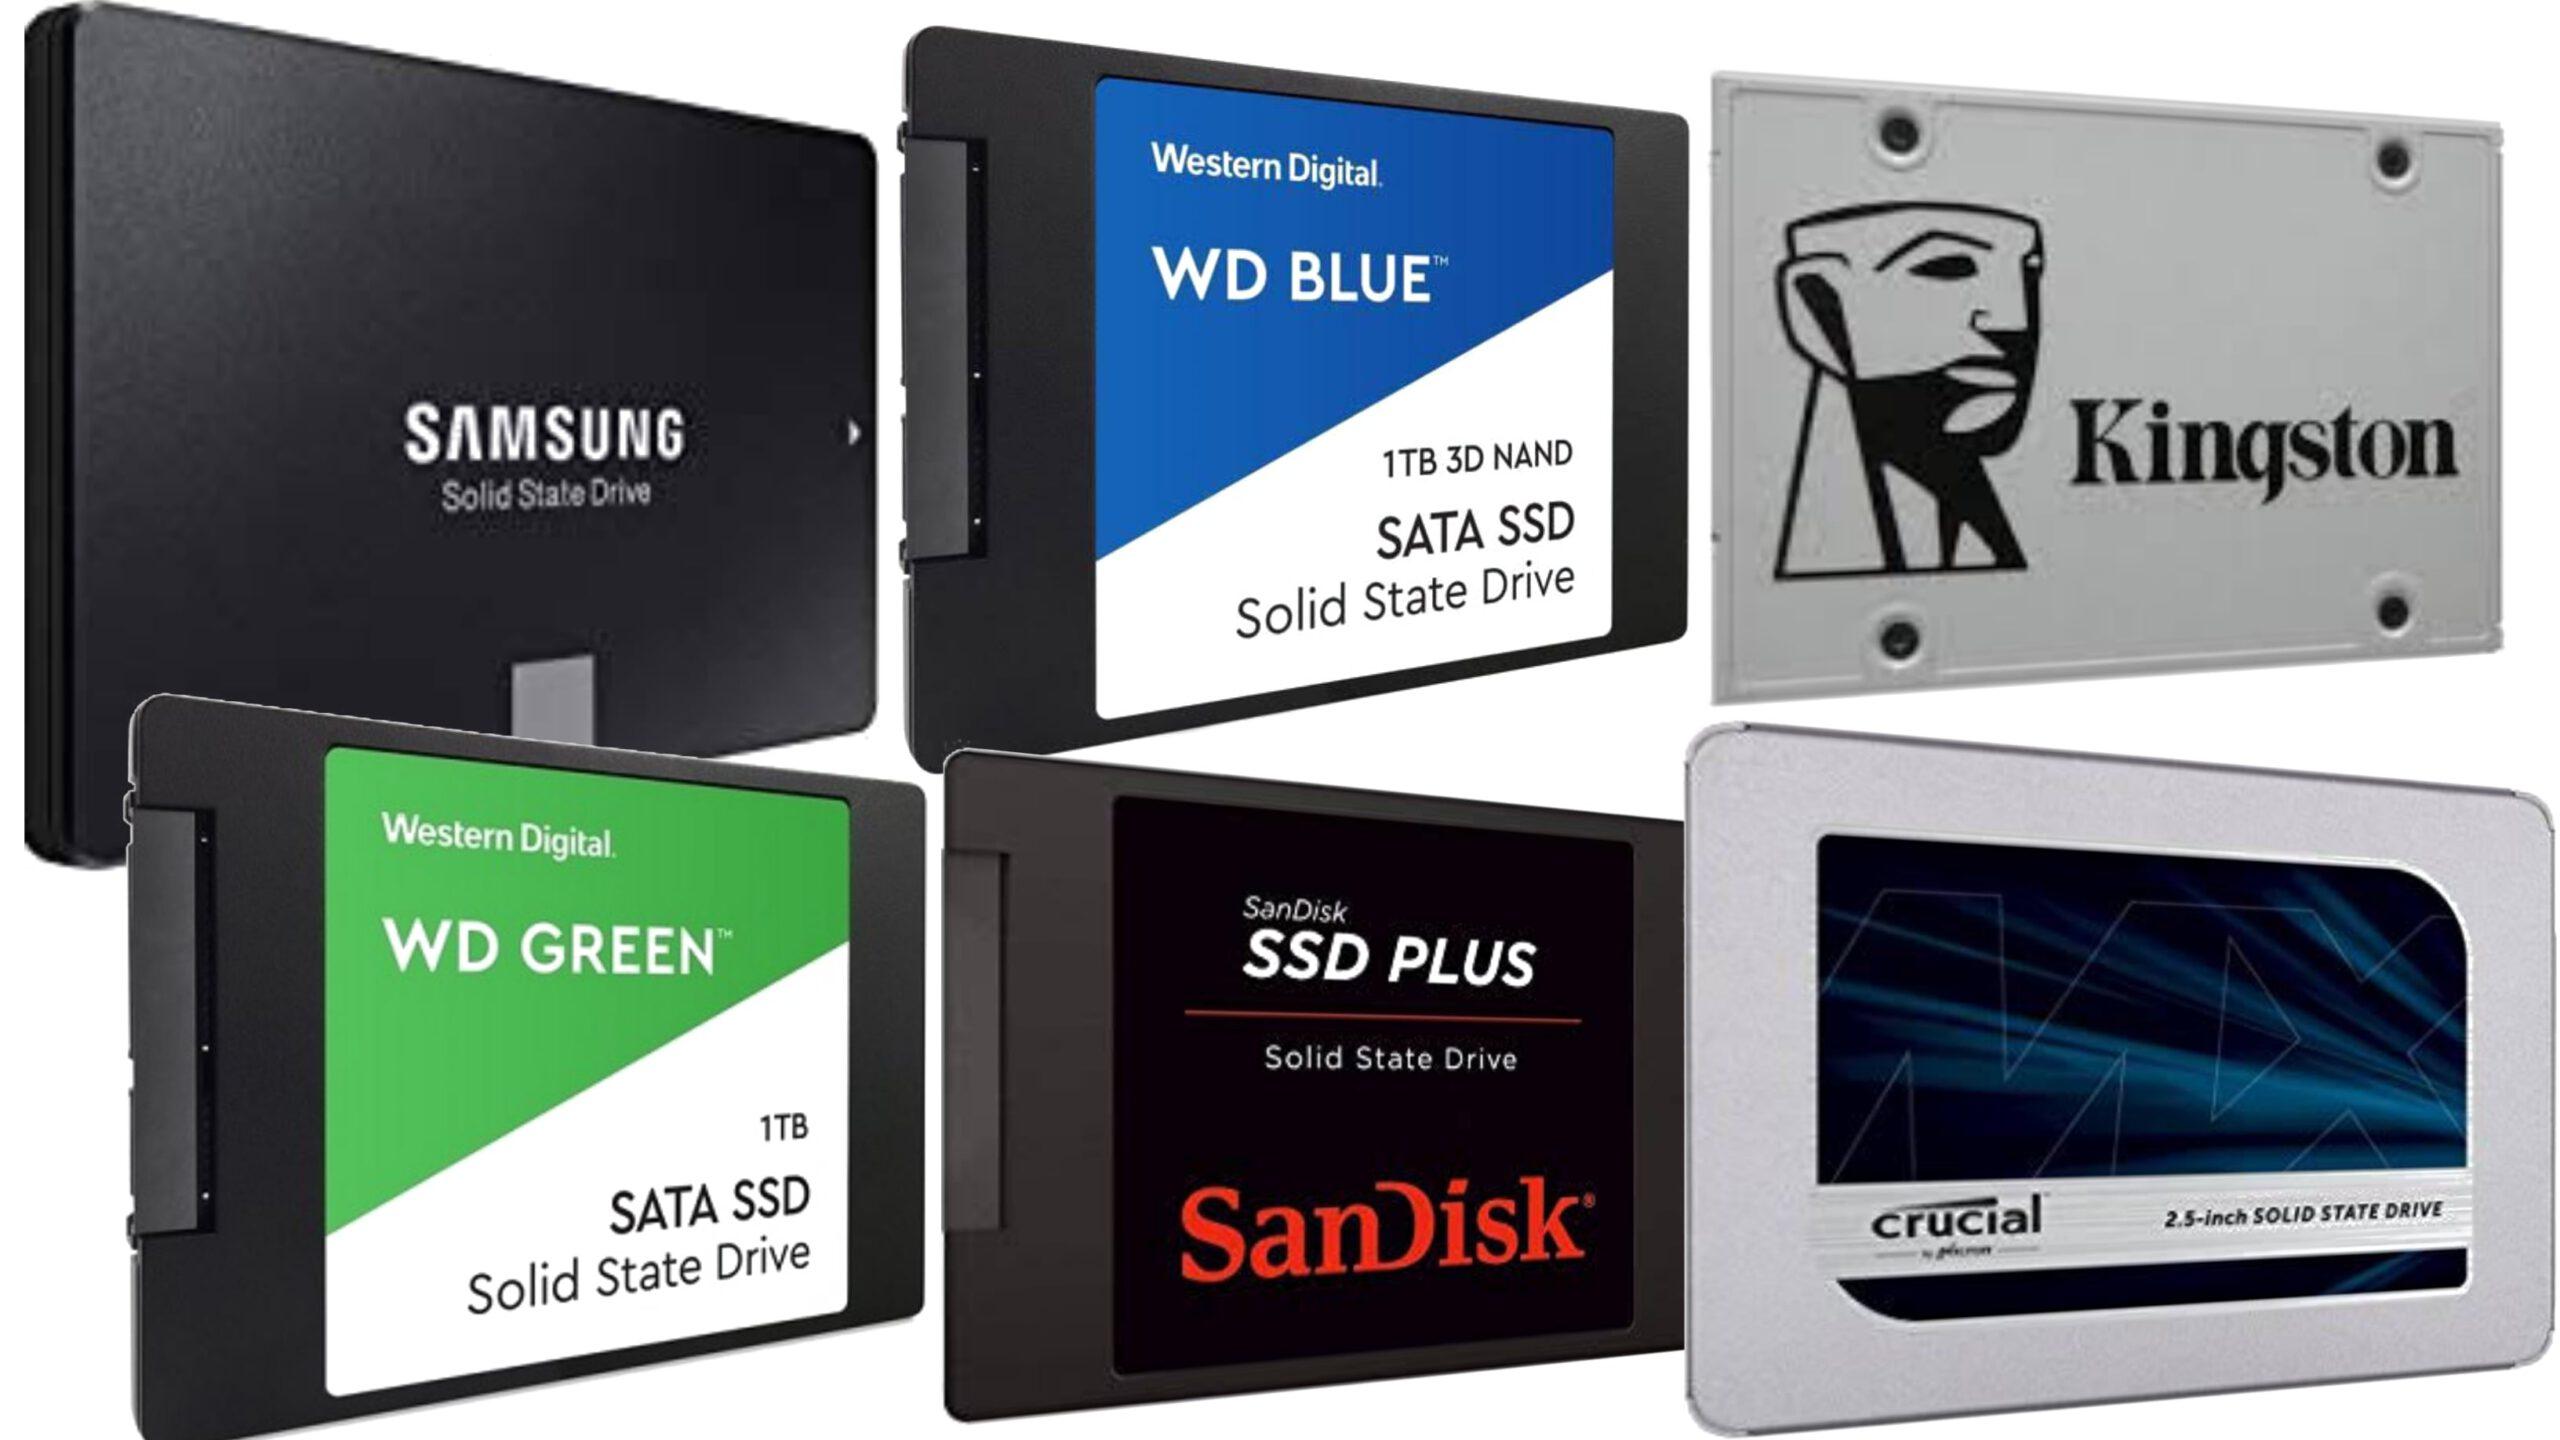 מקבץ זכרונות SSD לגיבוי ואחסון מידע